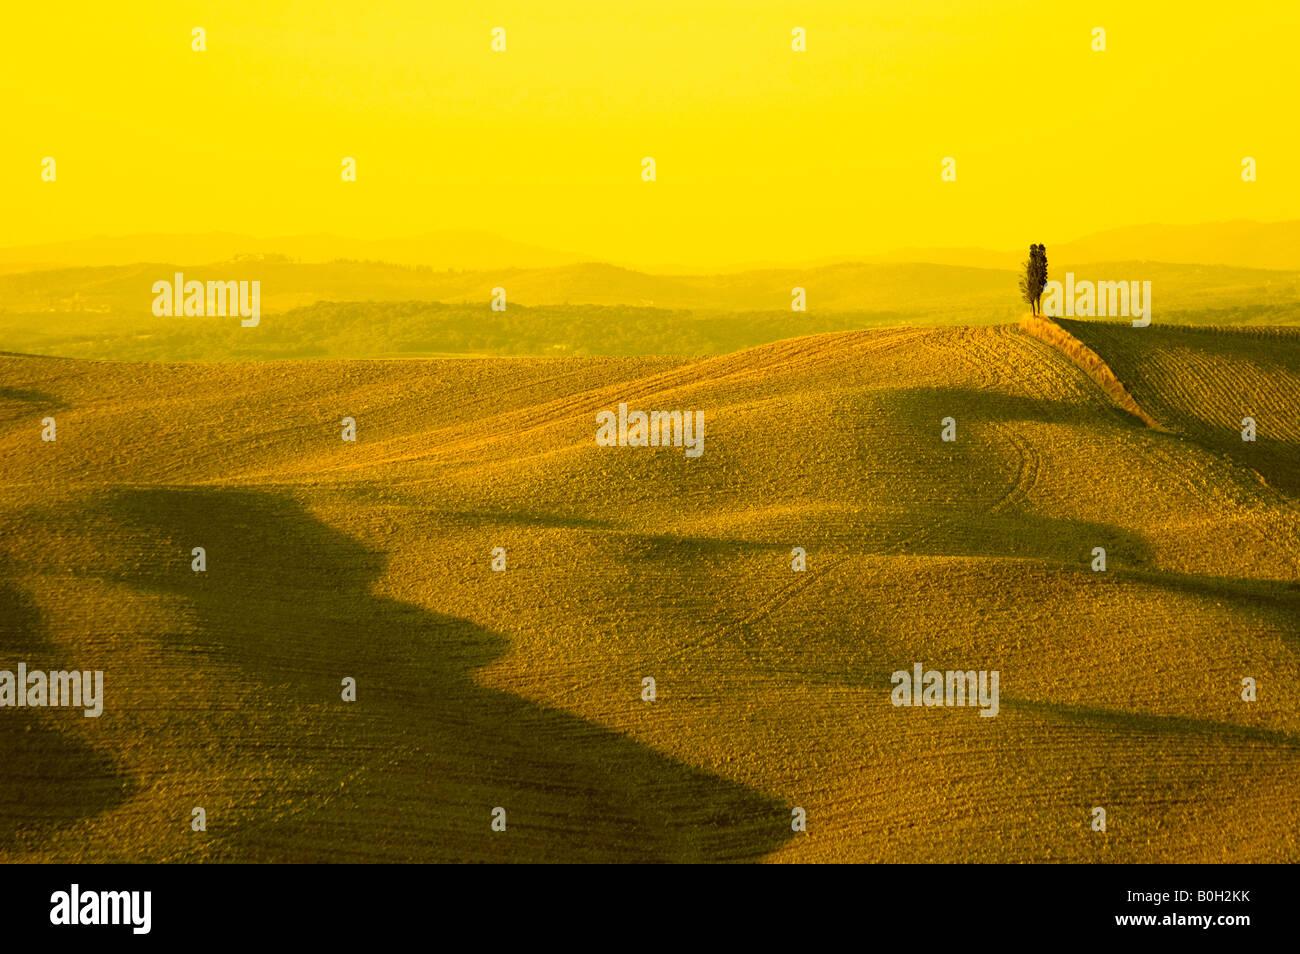 Ciprés solitario en la colina típico paisaje toscano Foto de stock